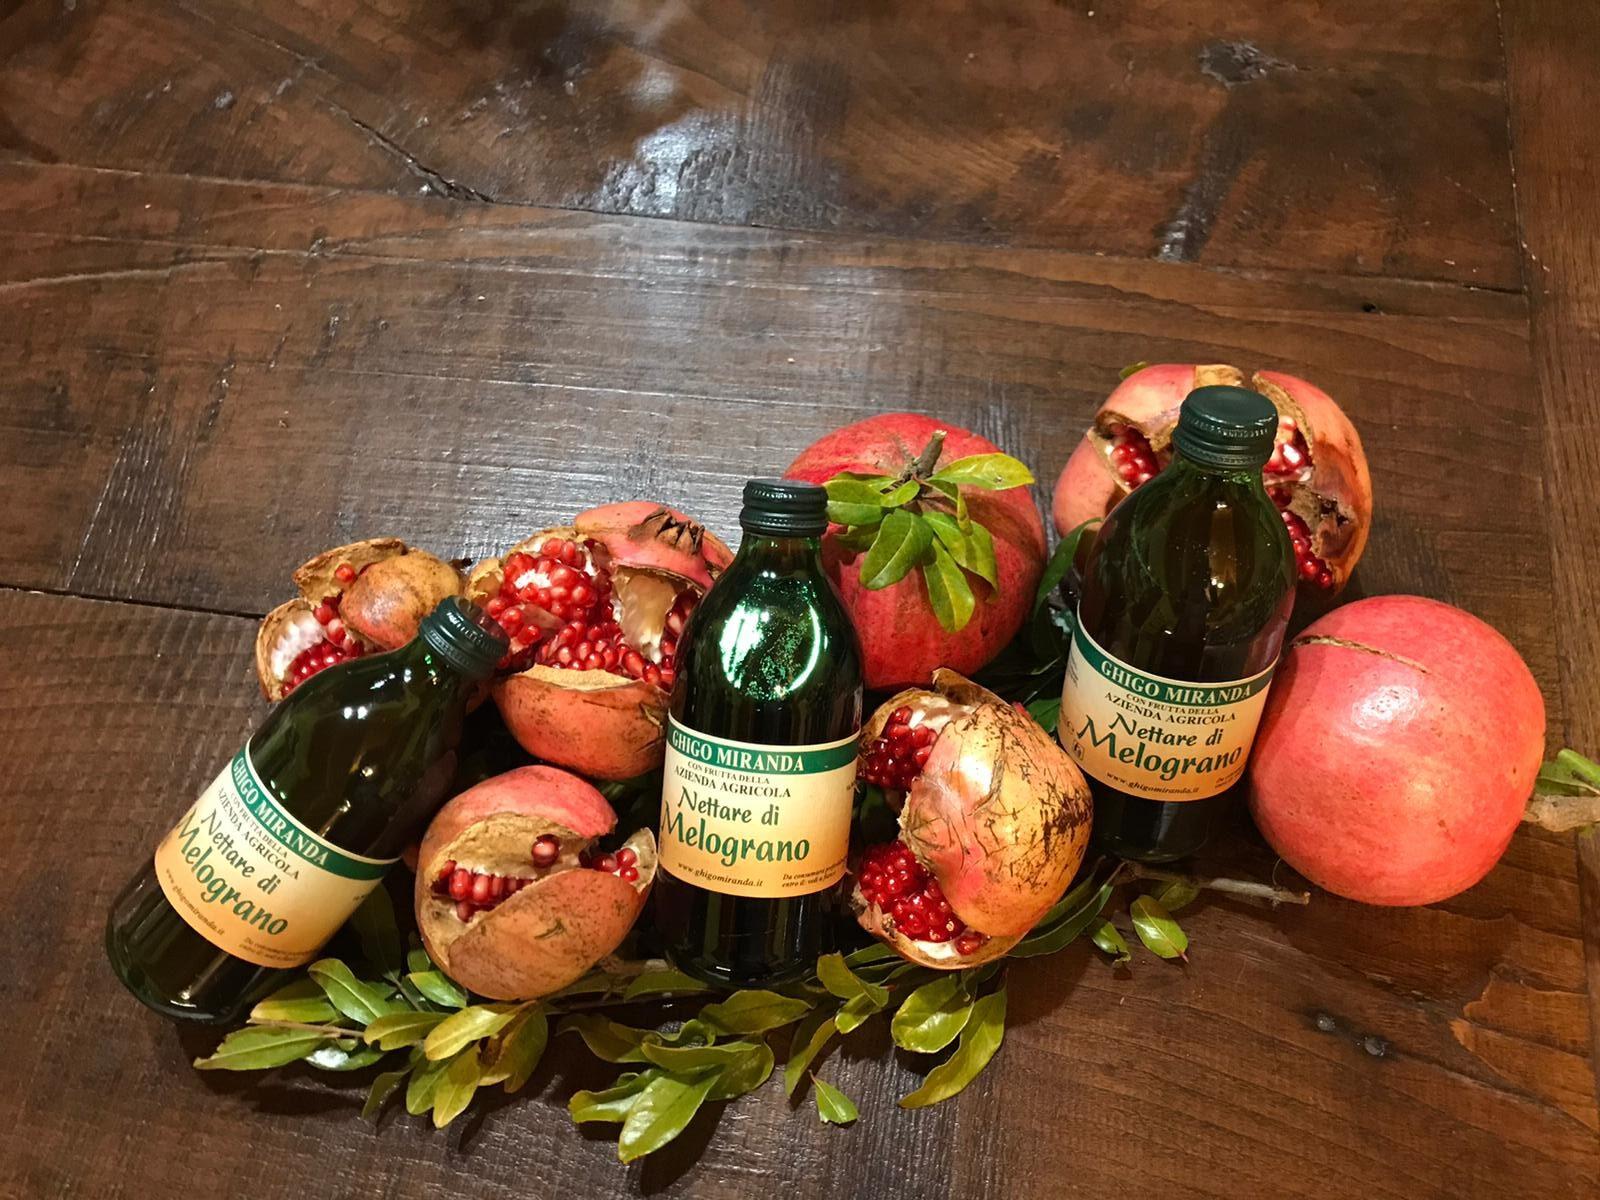 azienda agricola ghigo miranda succhi di frutta